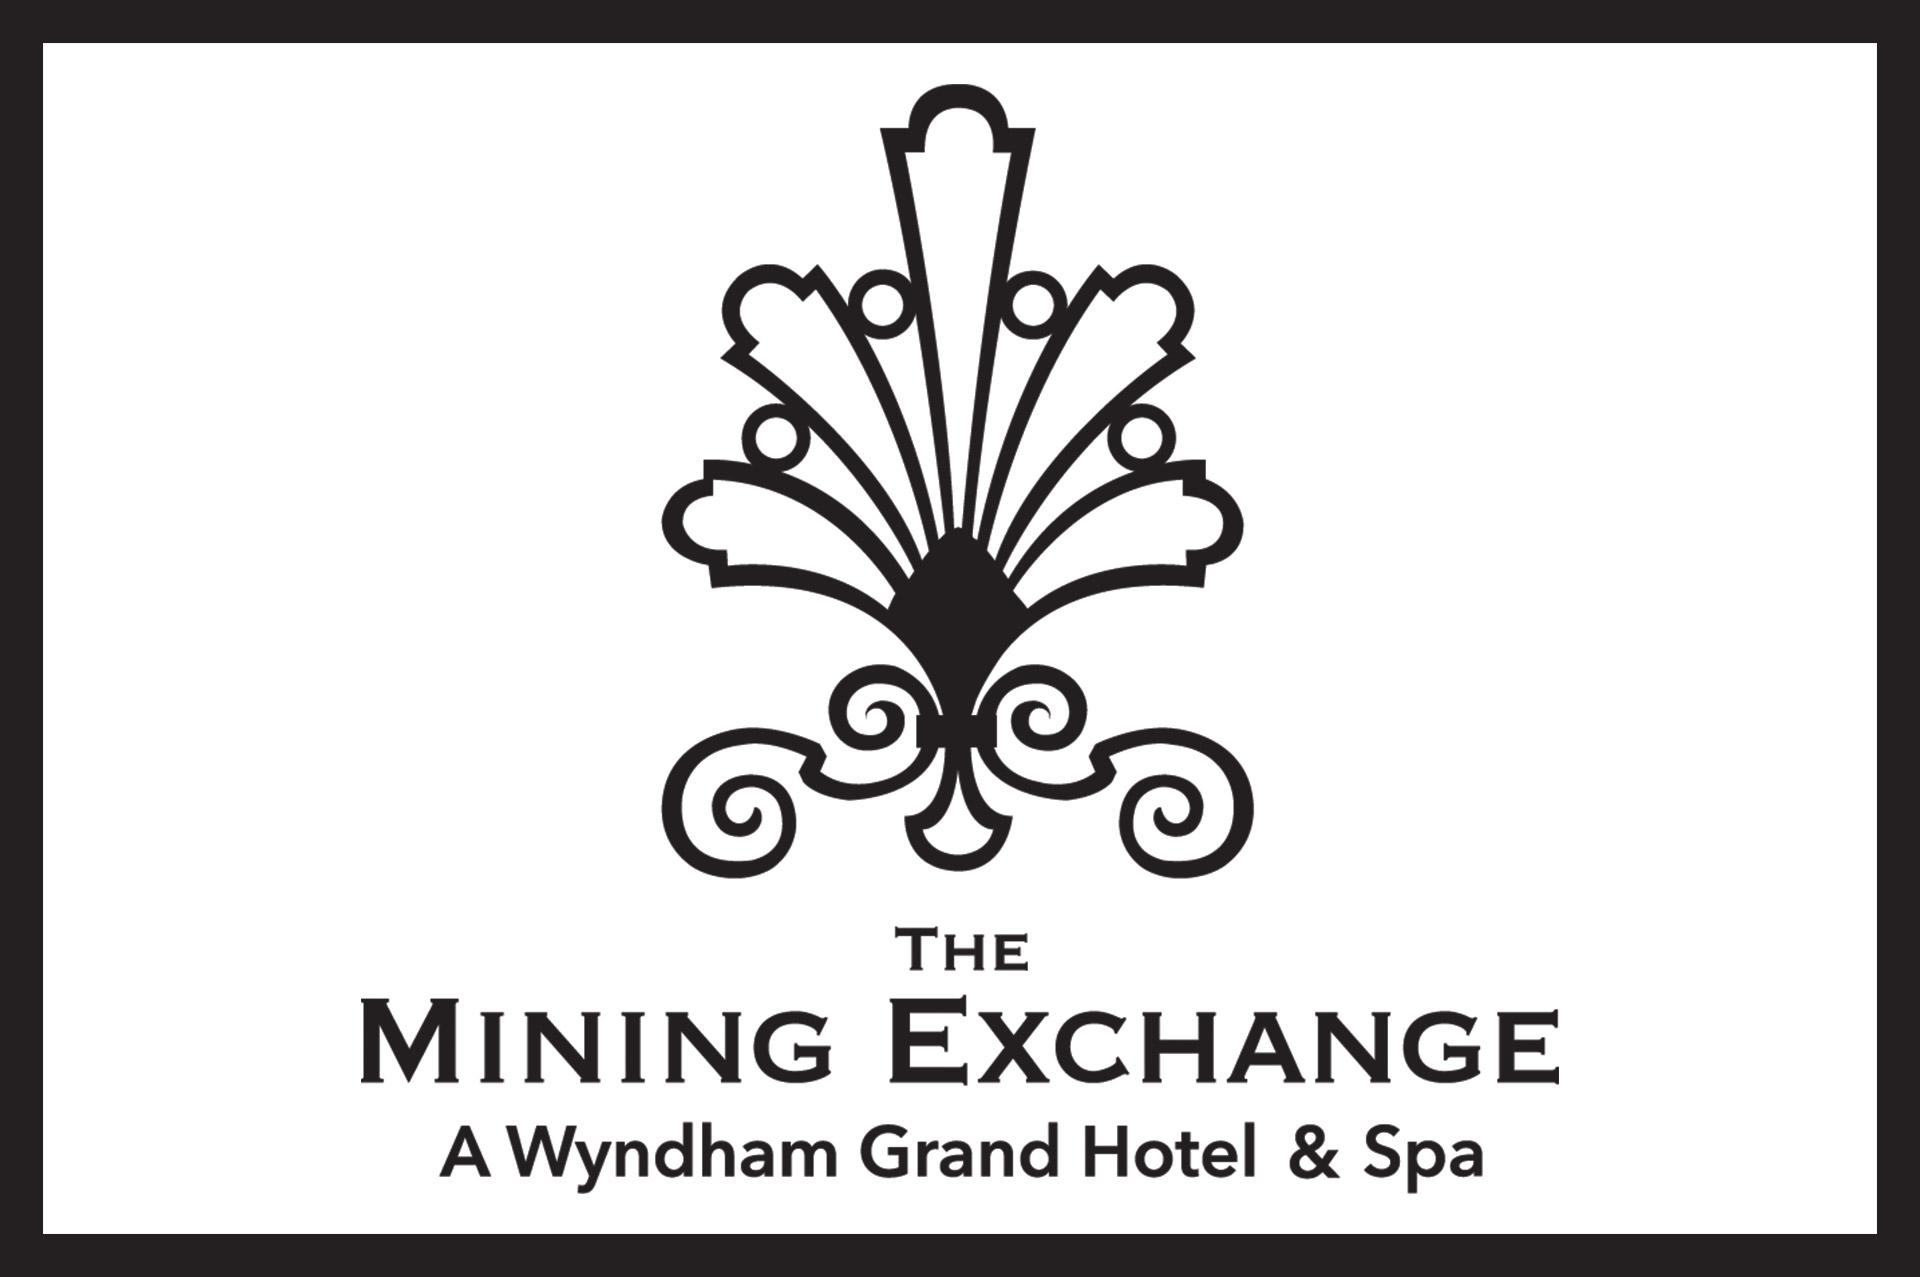 MiningExchangeThumb